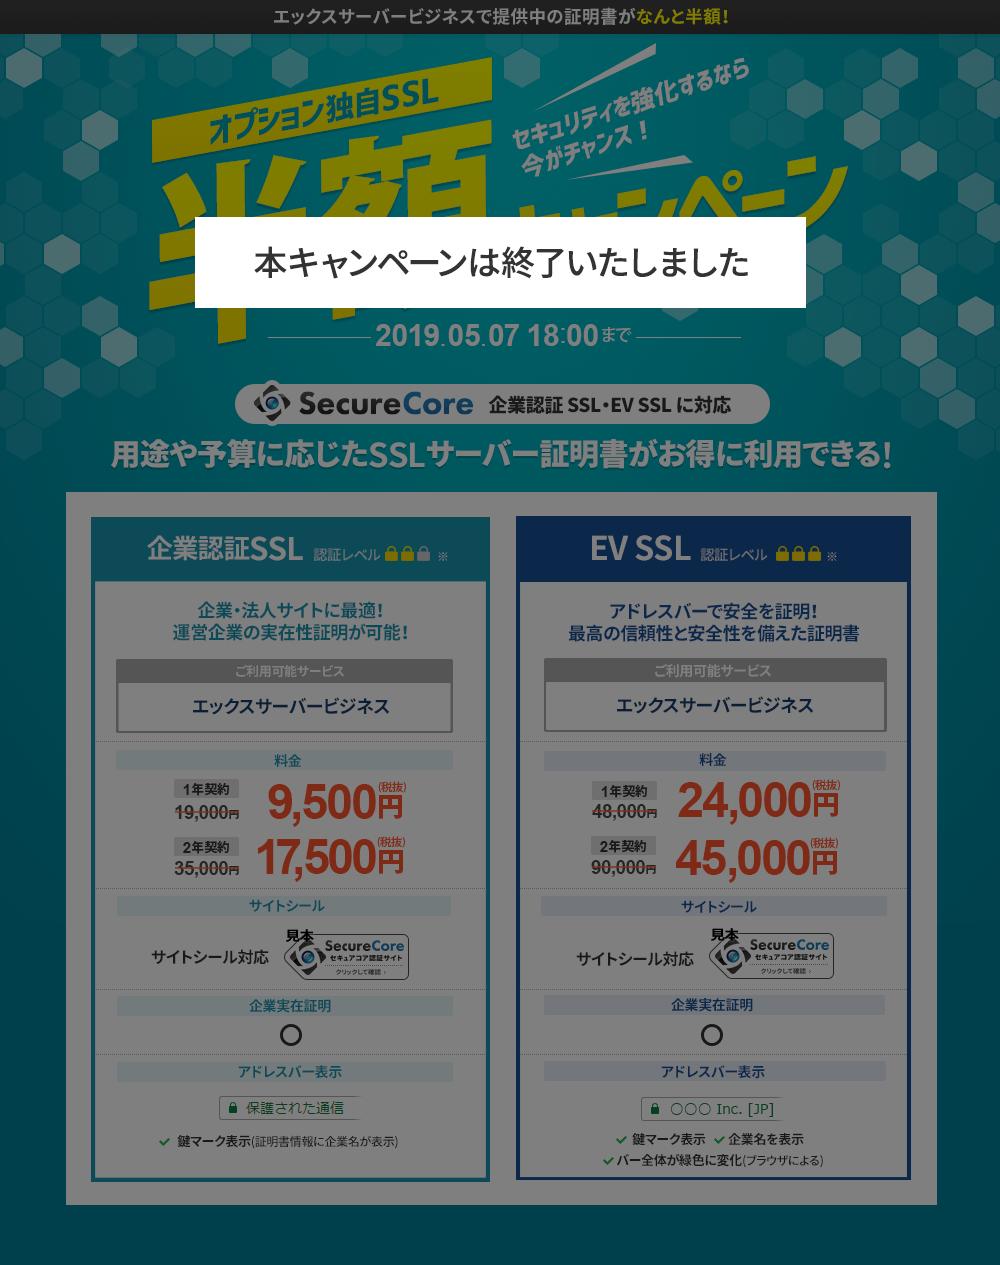 レンタルサーバー 独自ssl